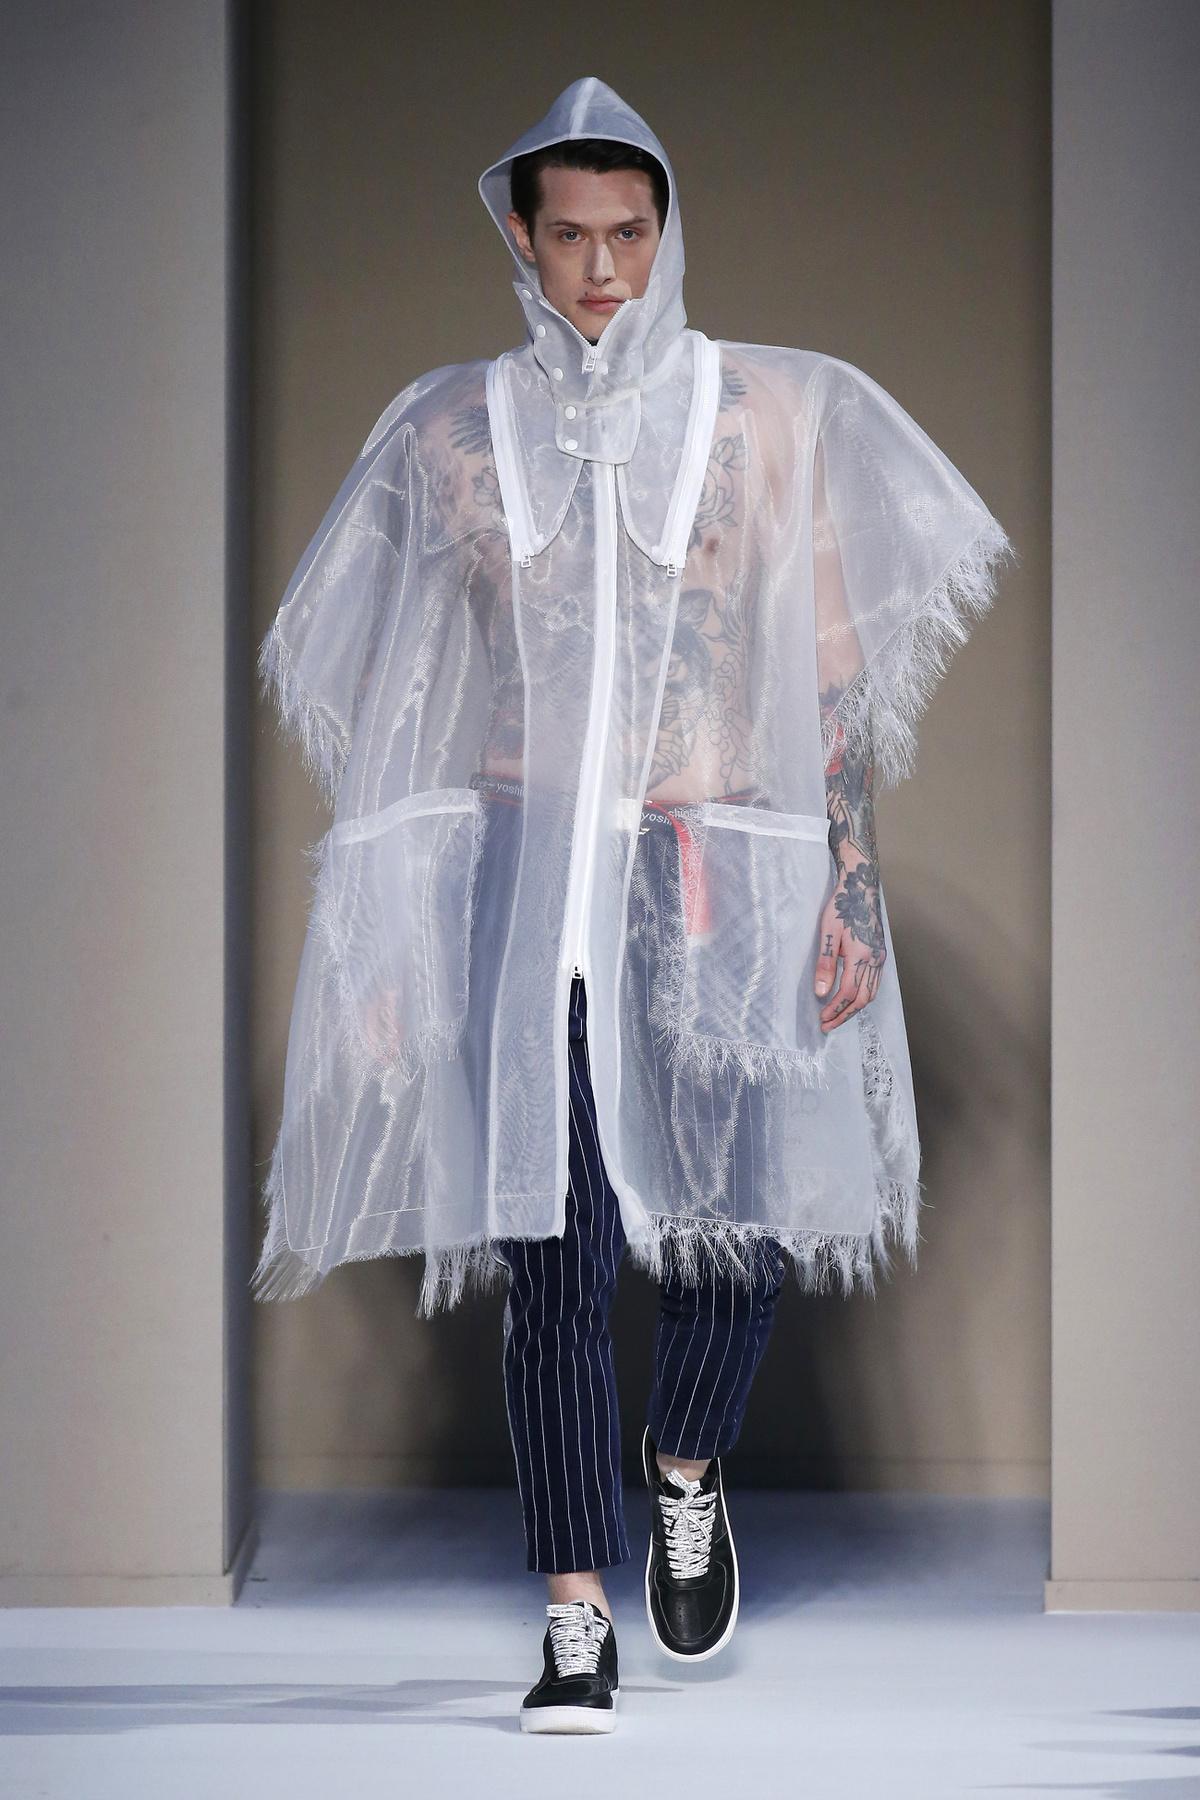 Nem kényelmetlen egy ilyen láncot viselni a zakó alatt? Mert egyébként egyáltalán nem néz ki rosszul - legalábbis a modell fejéhez képest nem.